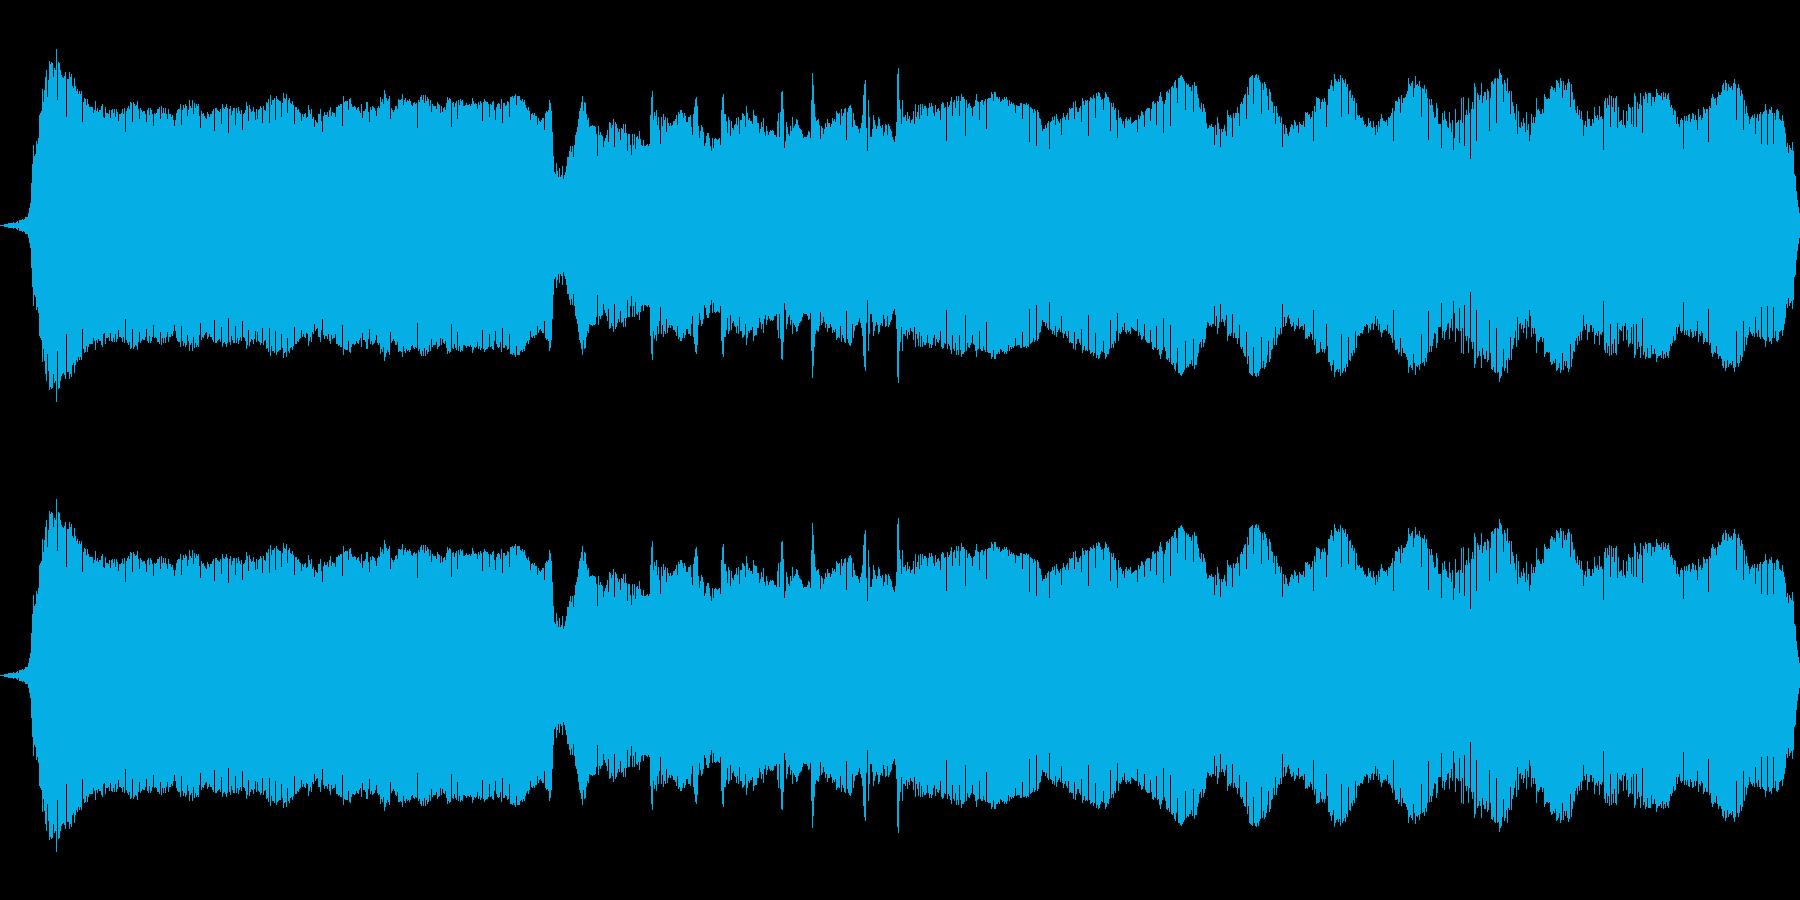 こぶし01(E)の再生済みの波形